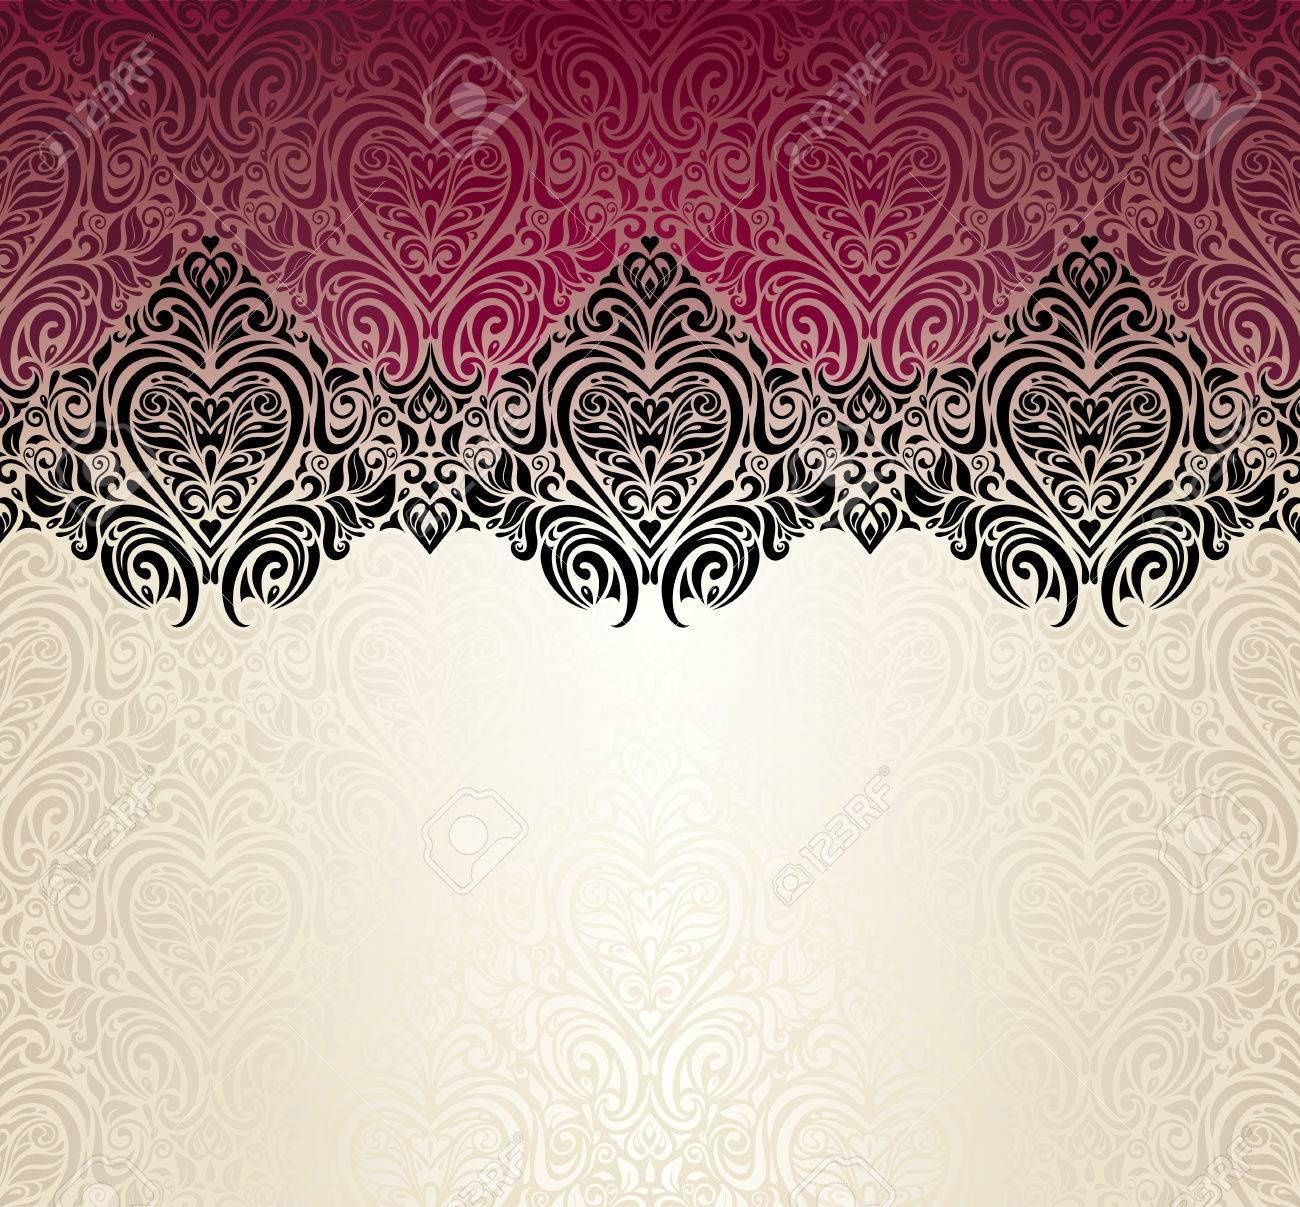 Fashionable red ecru and black vintage background design